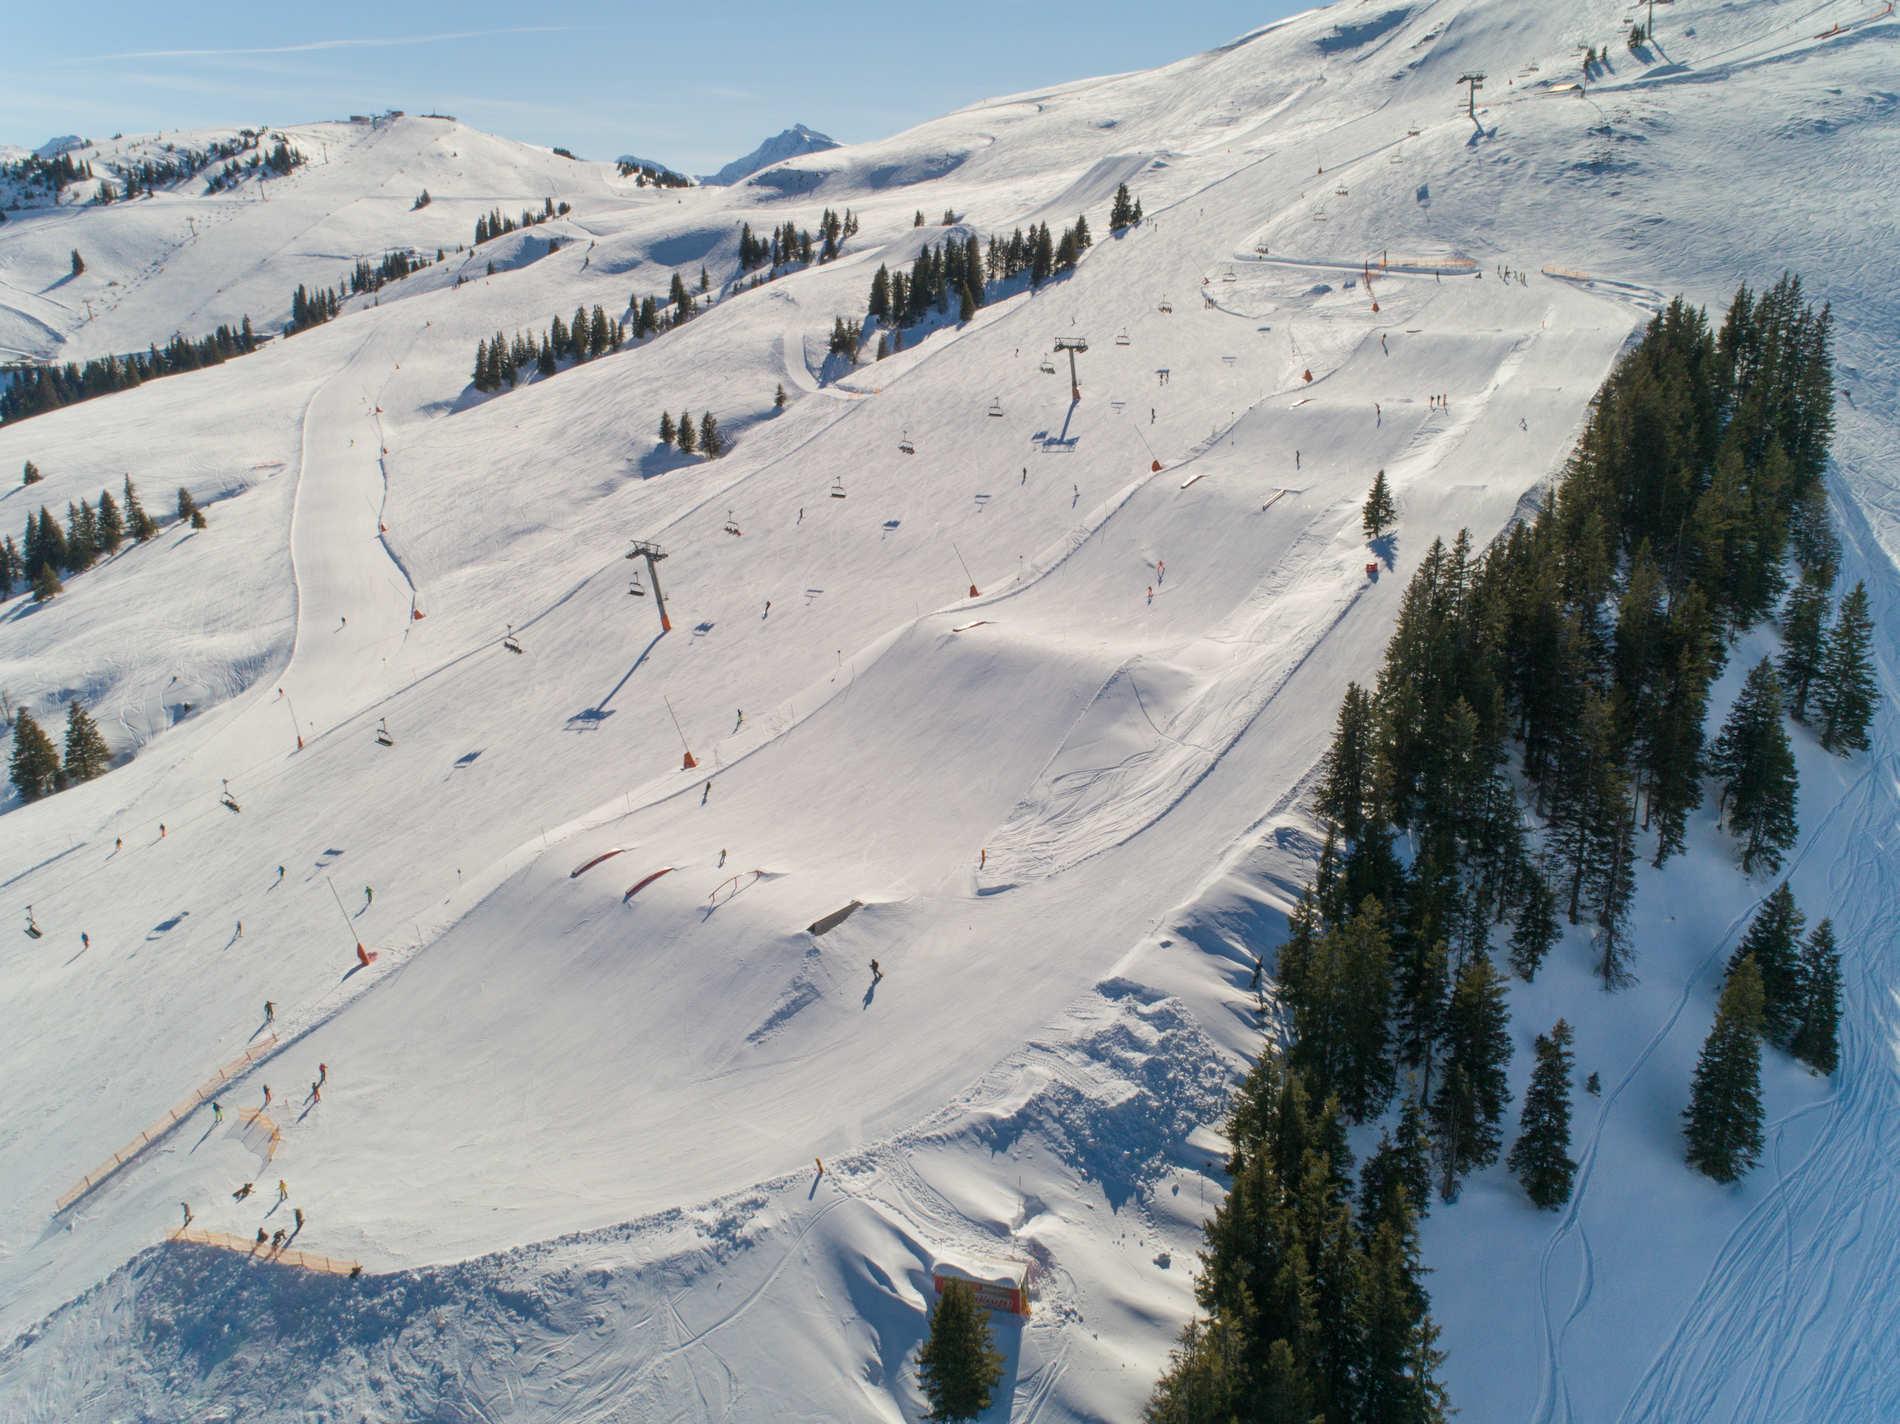 aerials snowpark kitzbuehel michi rudolf 9